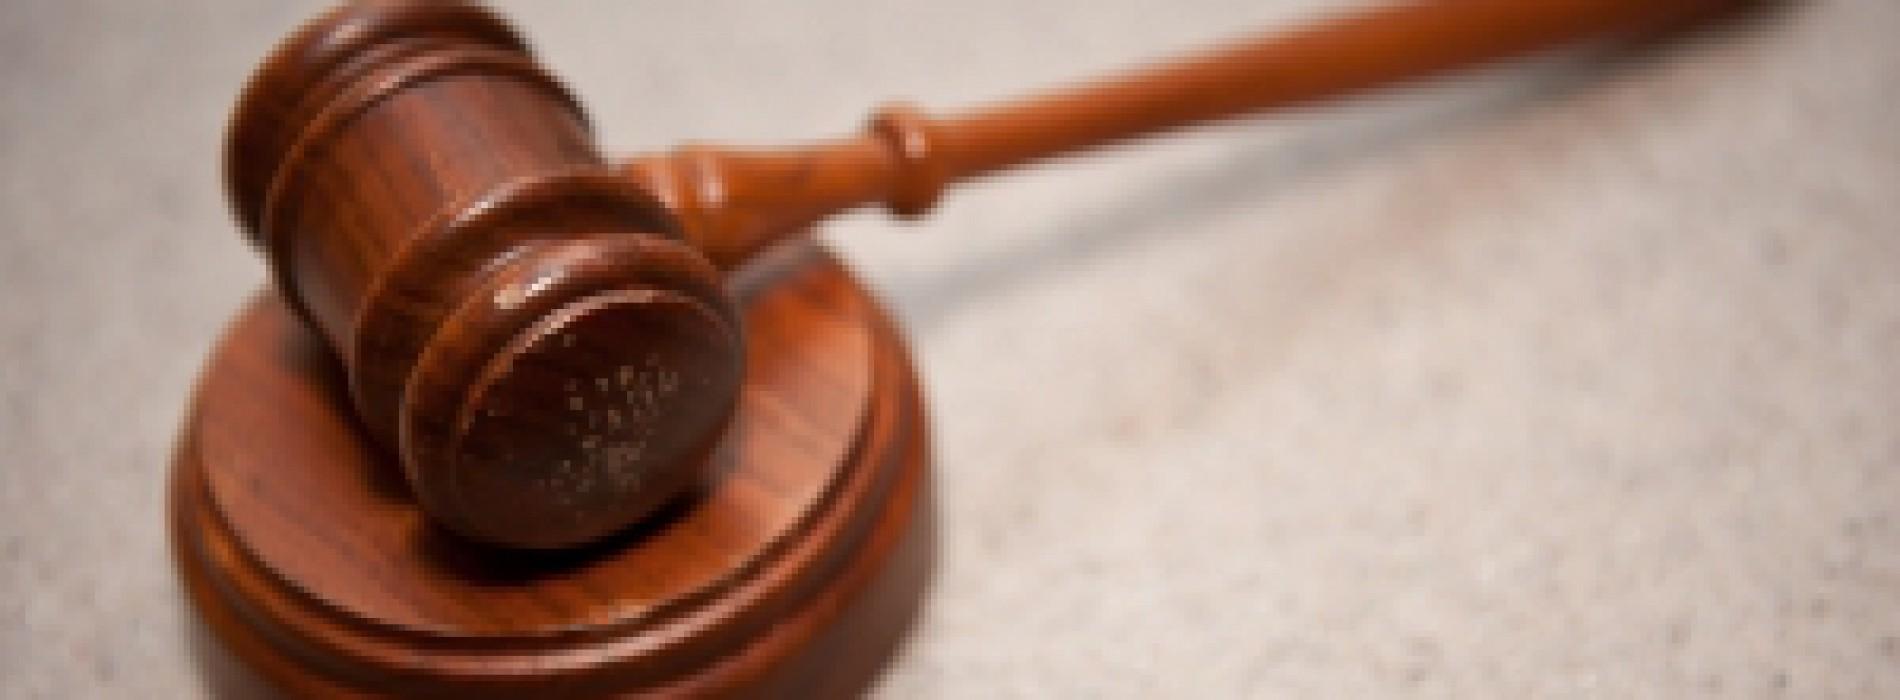 W poniedziałek ma zapaść wyrok w sprawie terenu nad jeziorem Krzywym